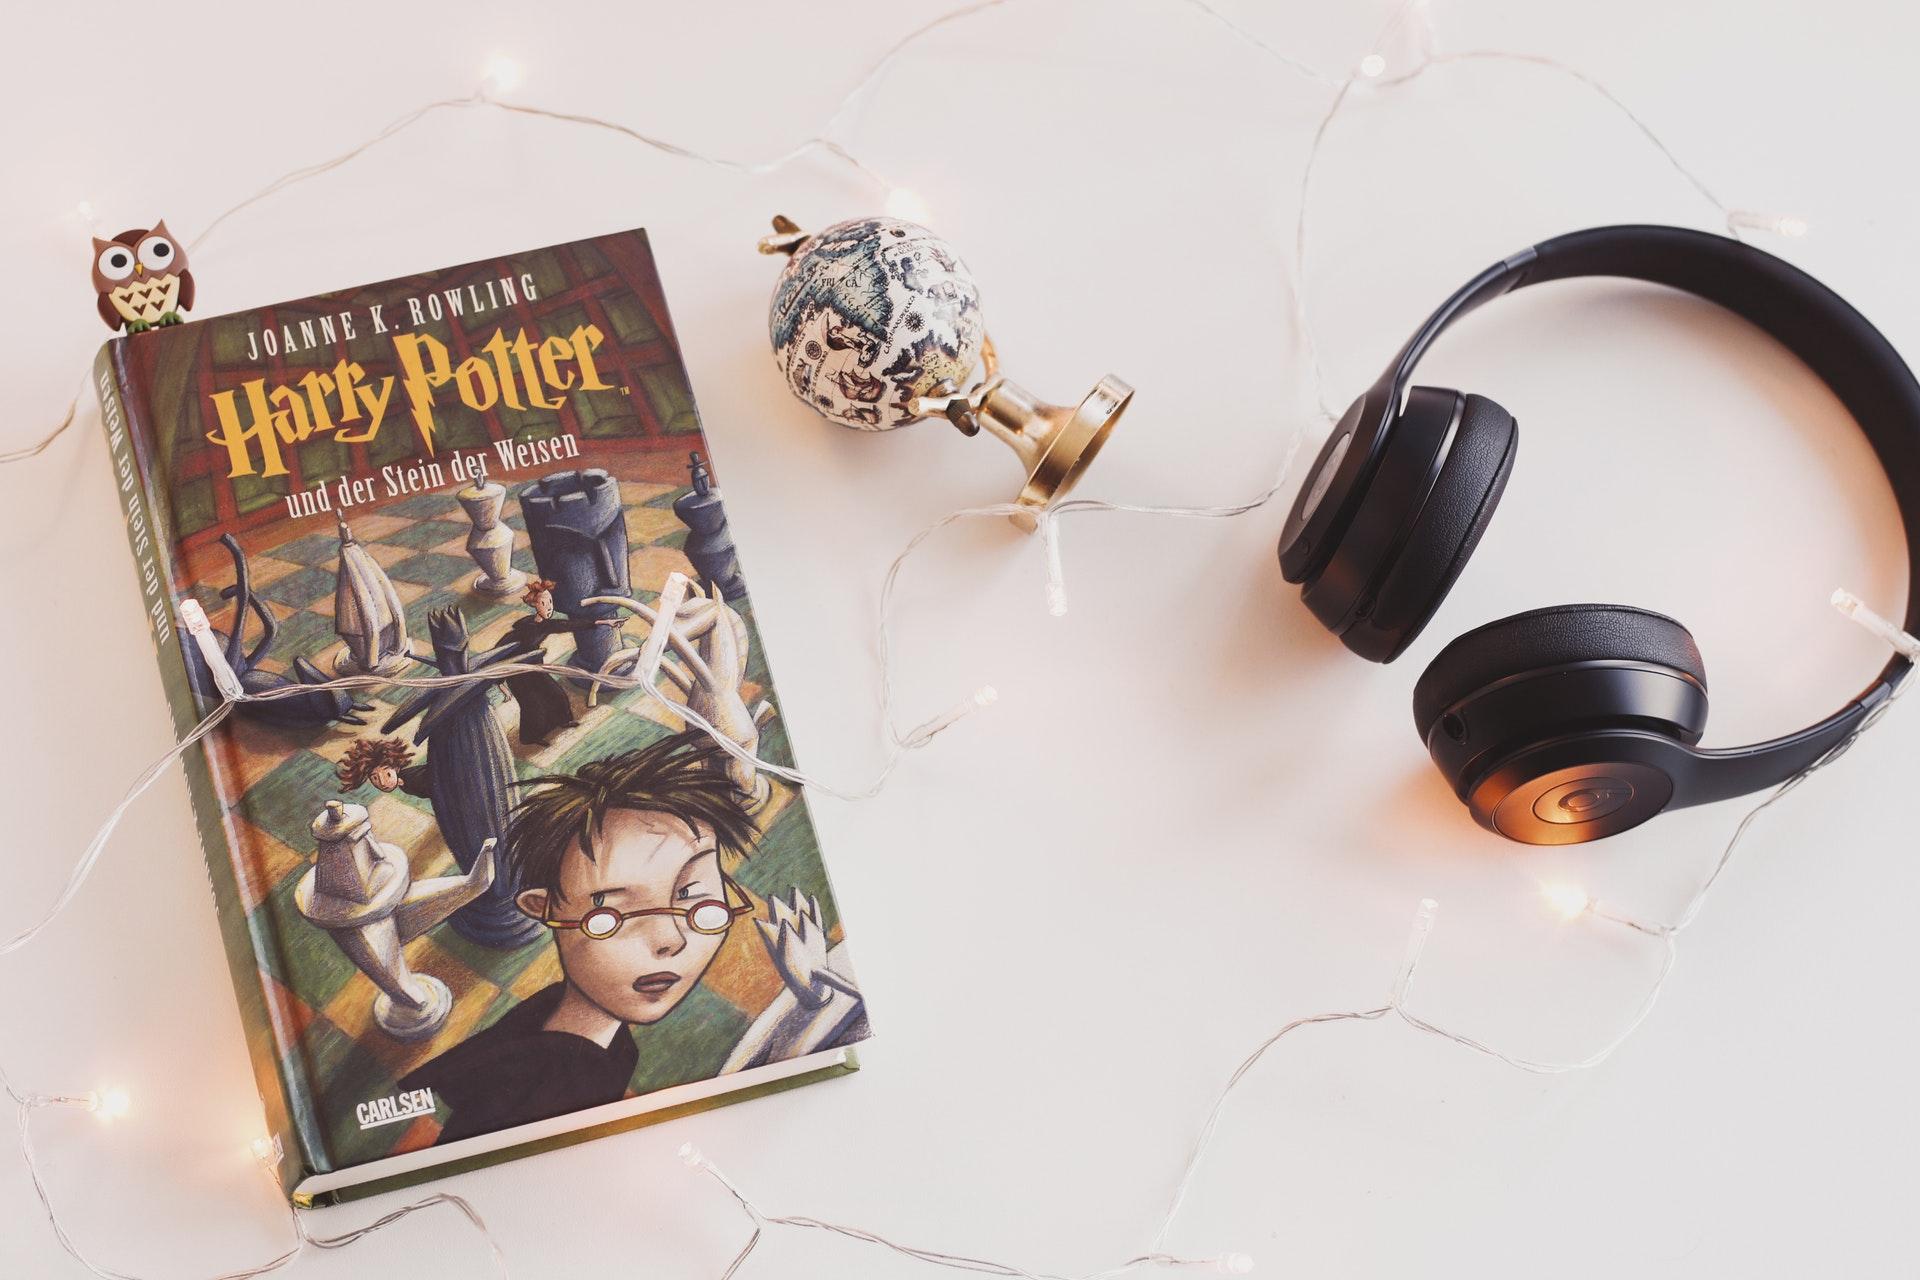 Spotify ofrecerá audiolibros de la editorial de Harry Potter